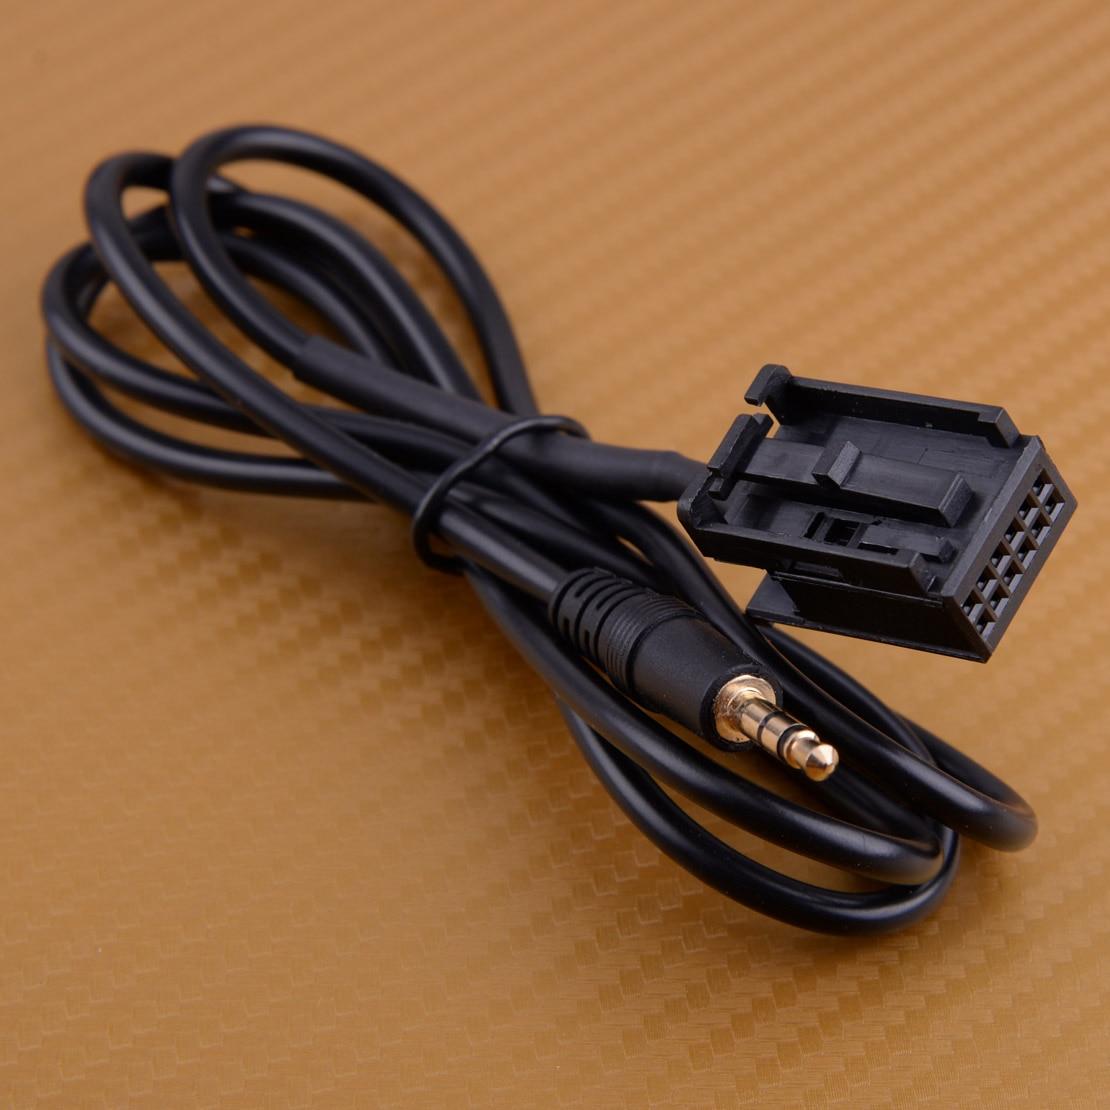 Beler 12 Cabo Adaptador De Entrada de pin 6000CD Chumbo estéreo Rádio CD30 MP3 Jack de 3.5mm AUX Interface de Ajuste para Opel CDC40 CD70 NAVI